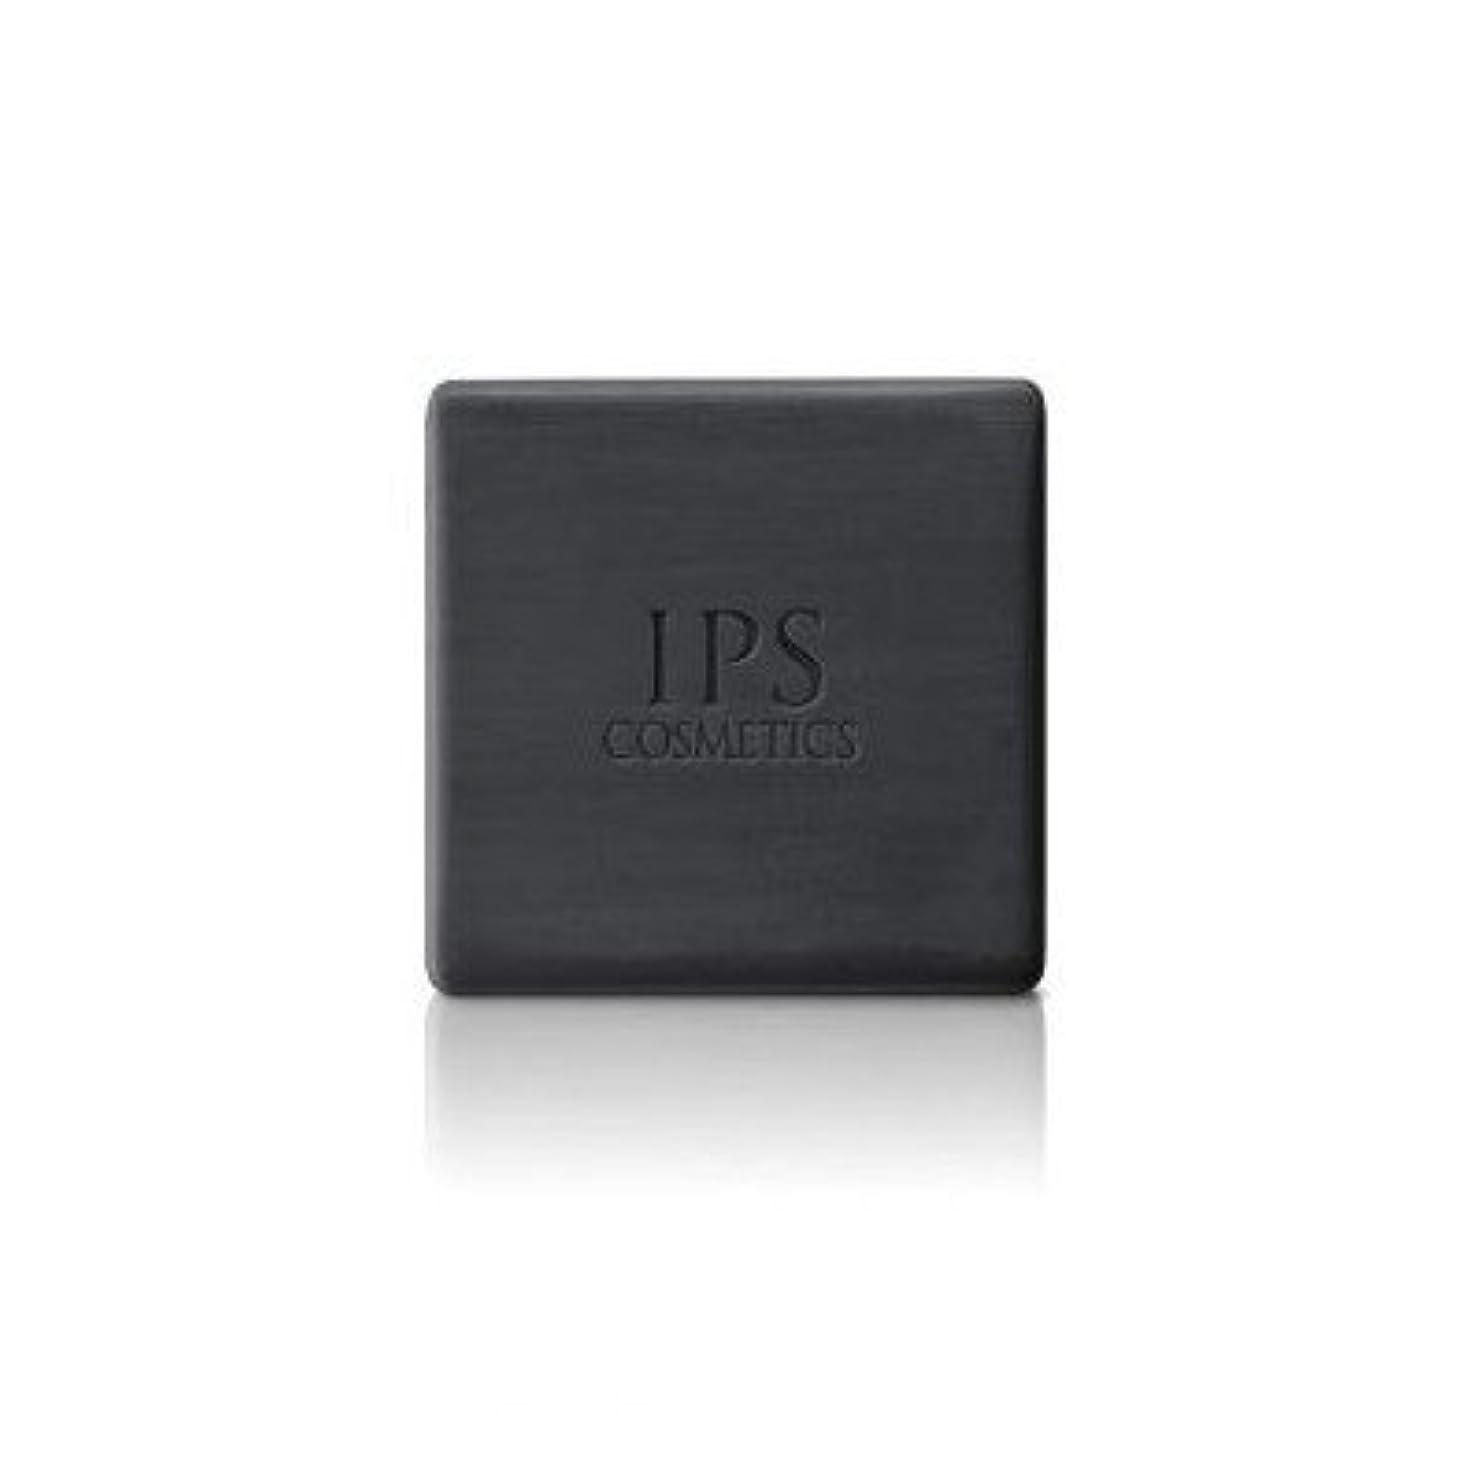 評価改善適用するIPS コンディショニングバー 洗顔石鹸 120g